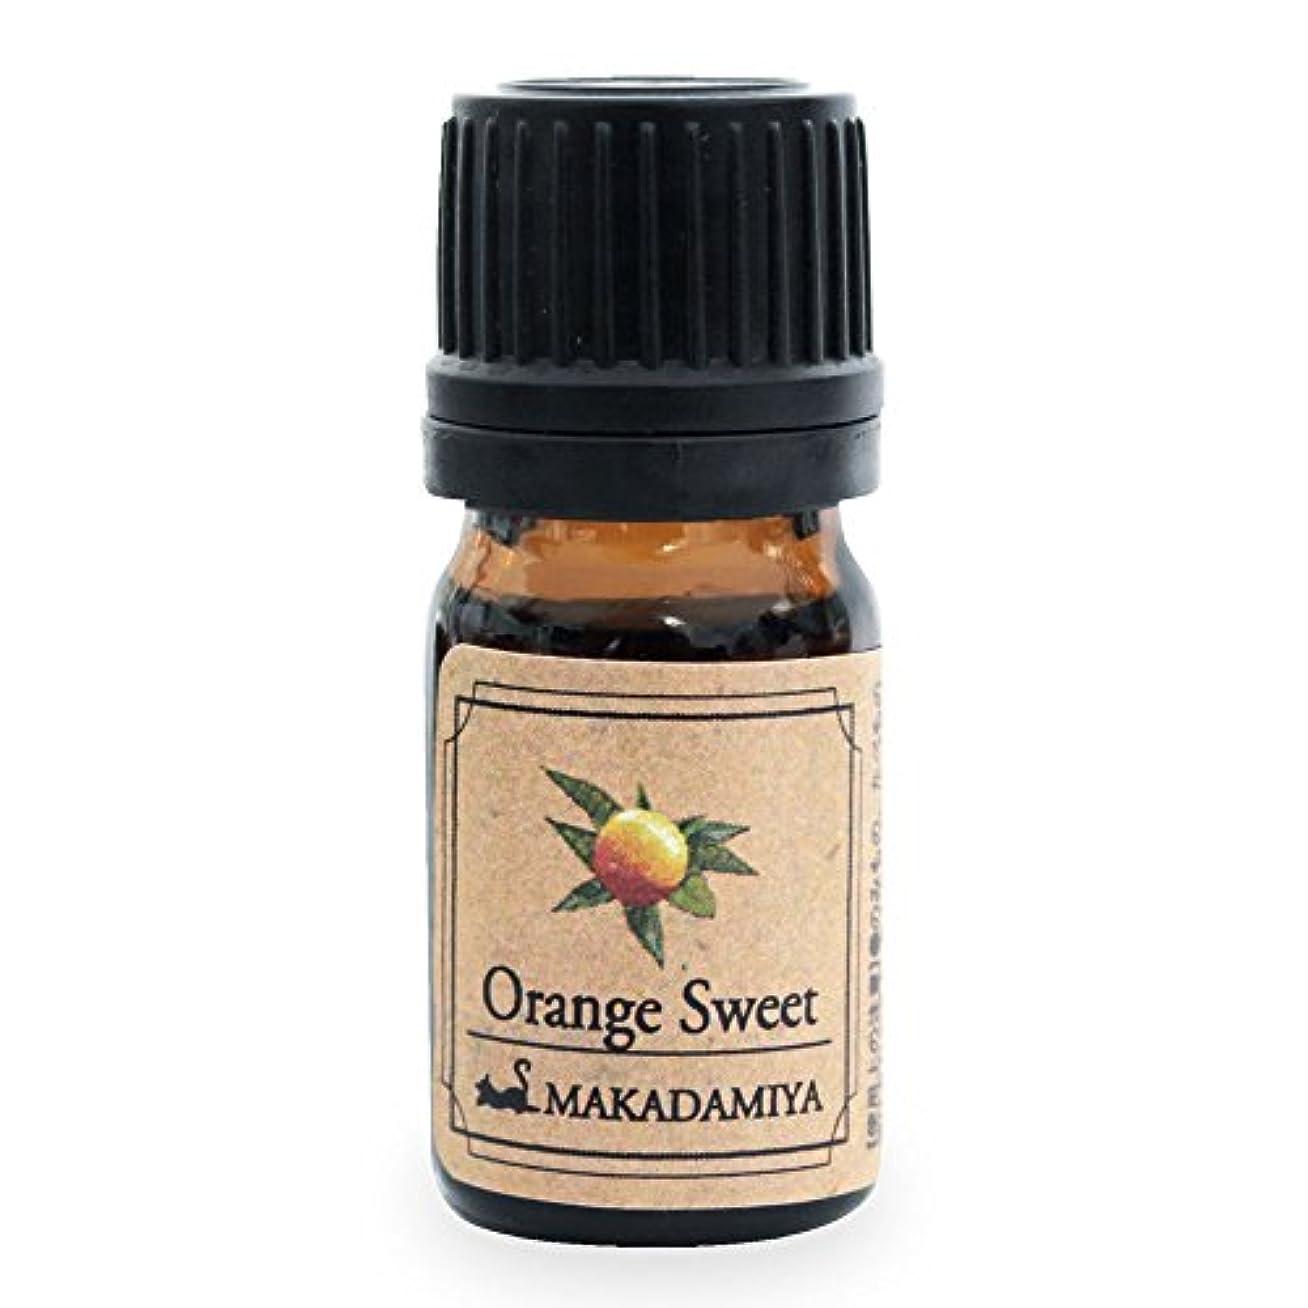 過度の利用可能起きろオレンジ?スイート5ml 天然100%植物性 エッセンシャルオイル(精油) アロマオイル アロママッサージ aroma Orange Sweet